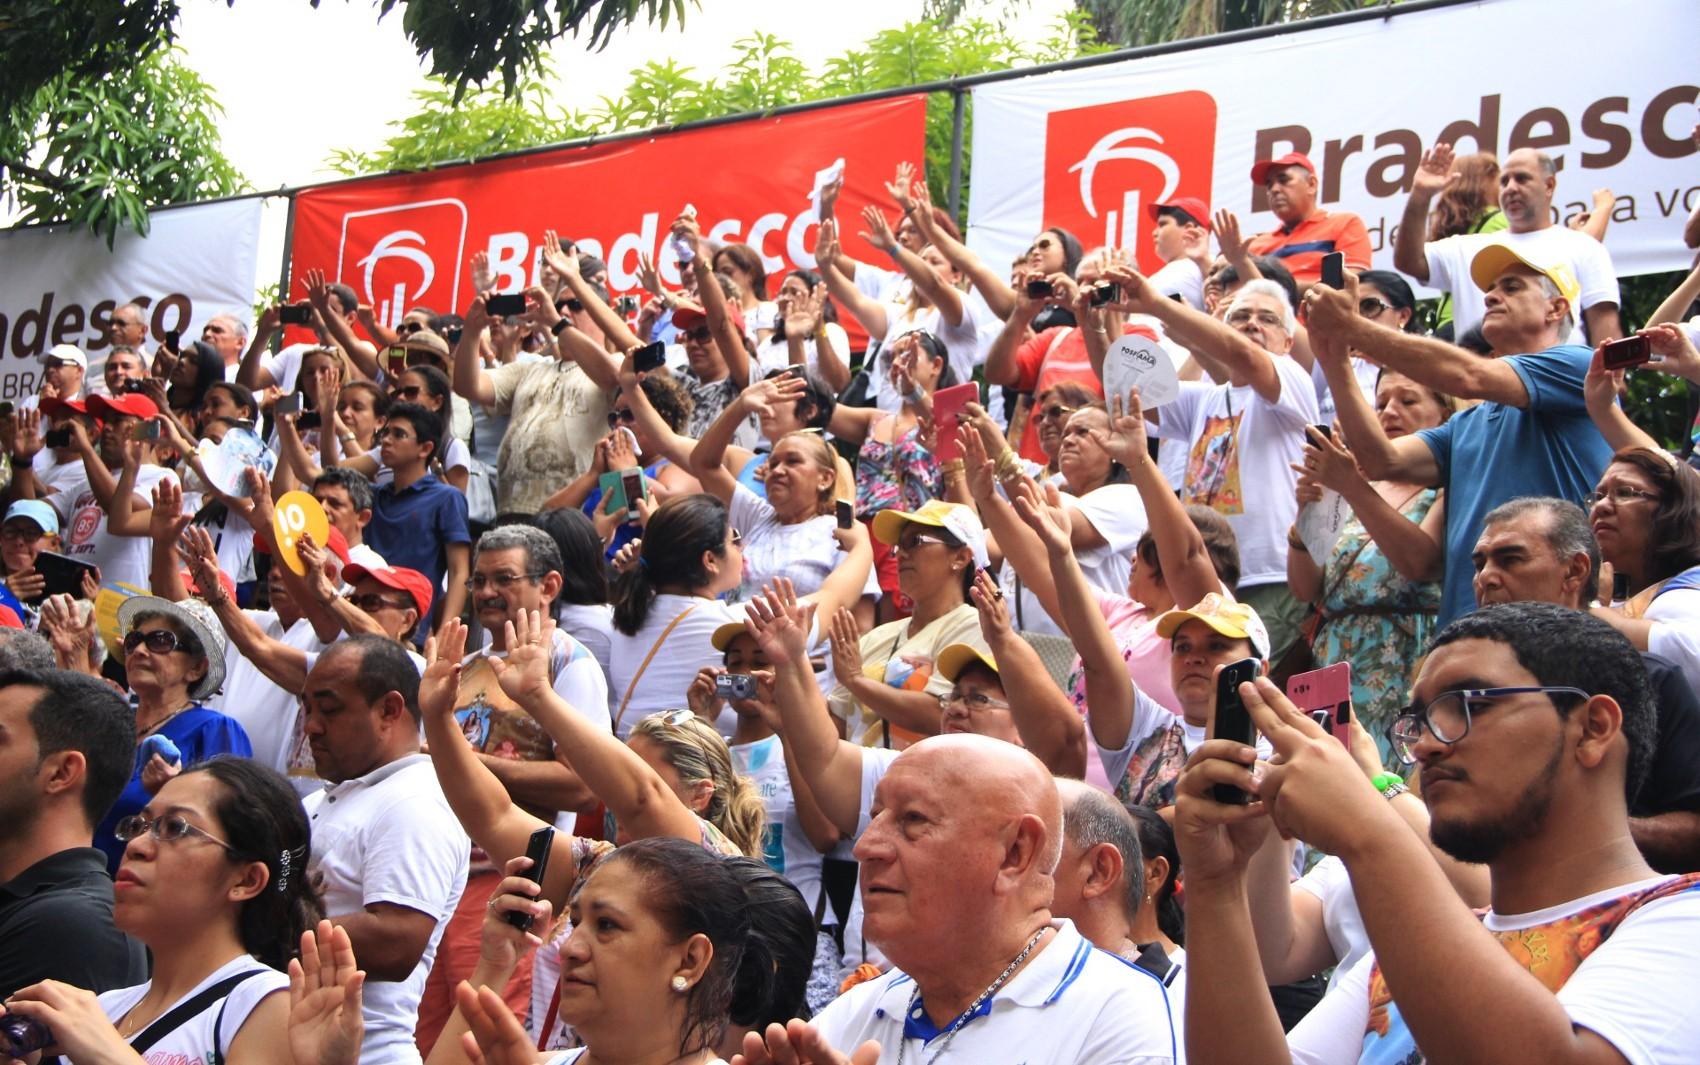 Diretoria do Círio anuncia início de venda de arquibancadas para as procissões deste ano - Notícias - Plantão Diário